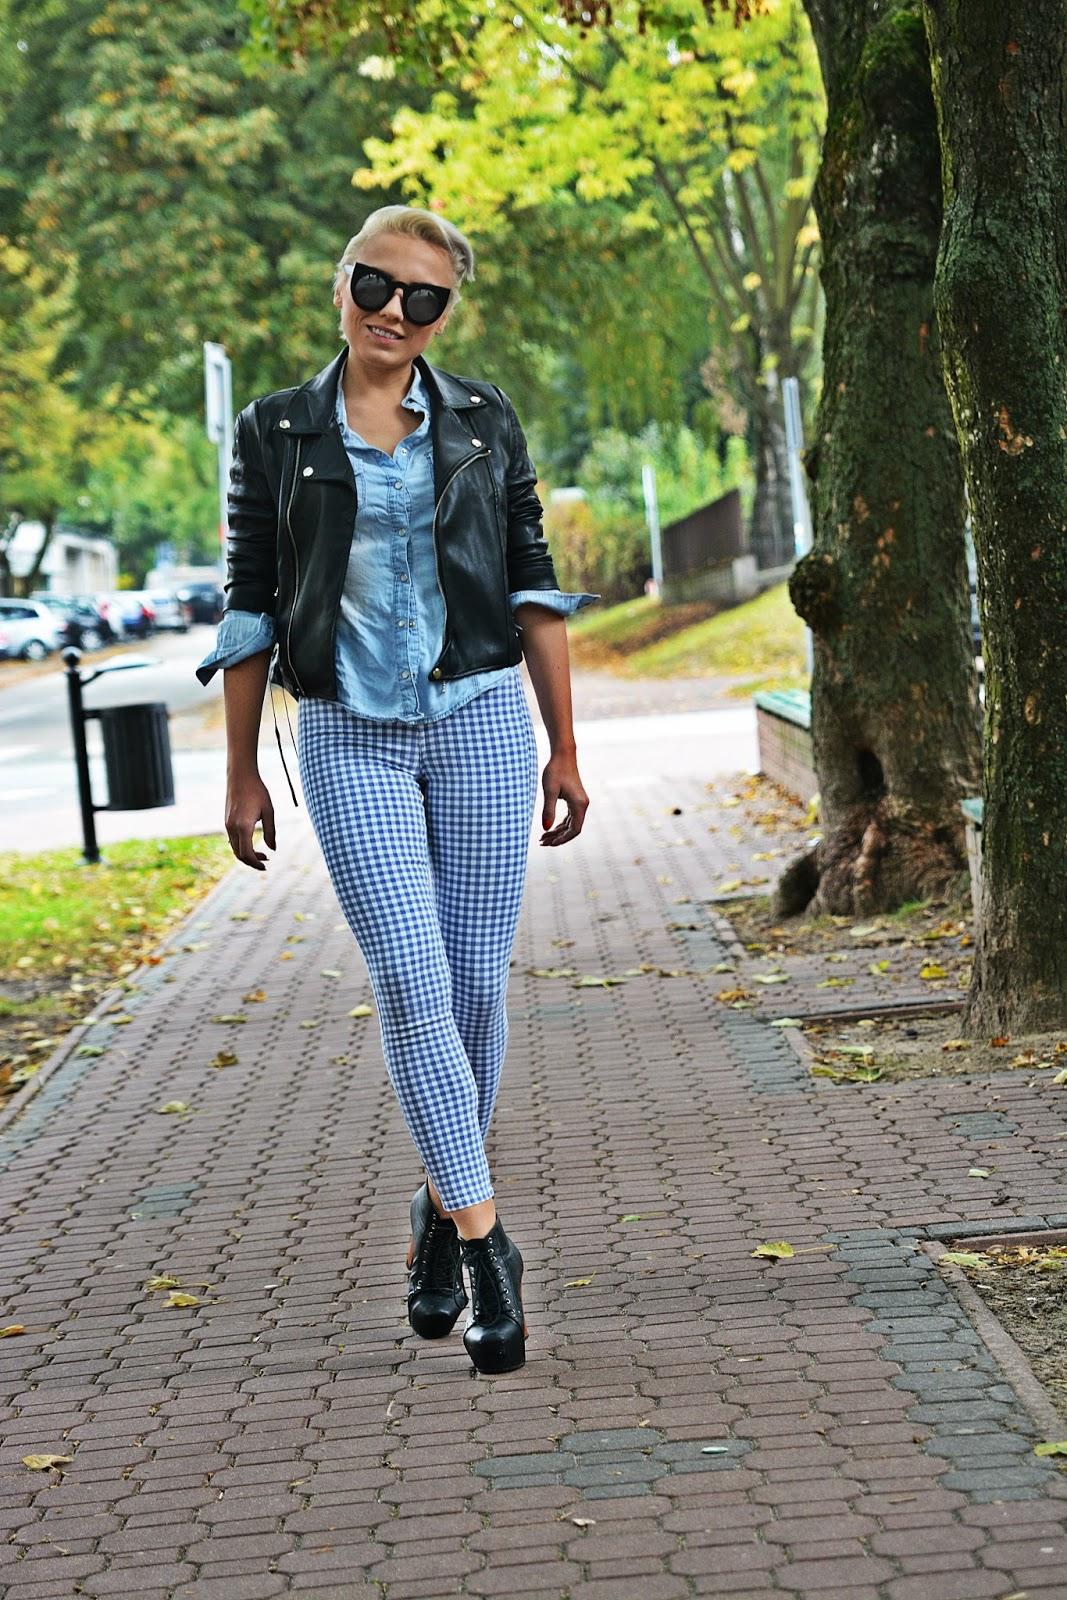 niebieskie_spodnie_ramoneska_czarna_kocie_okulary_145